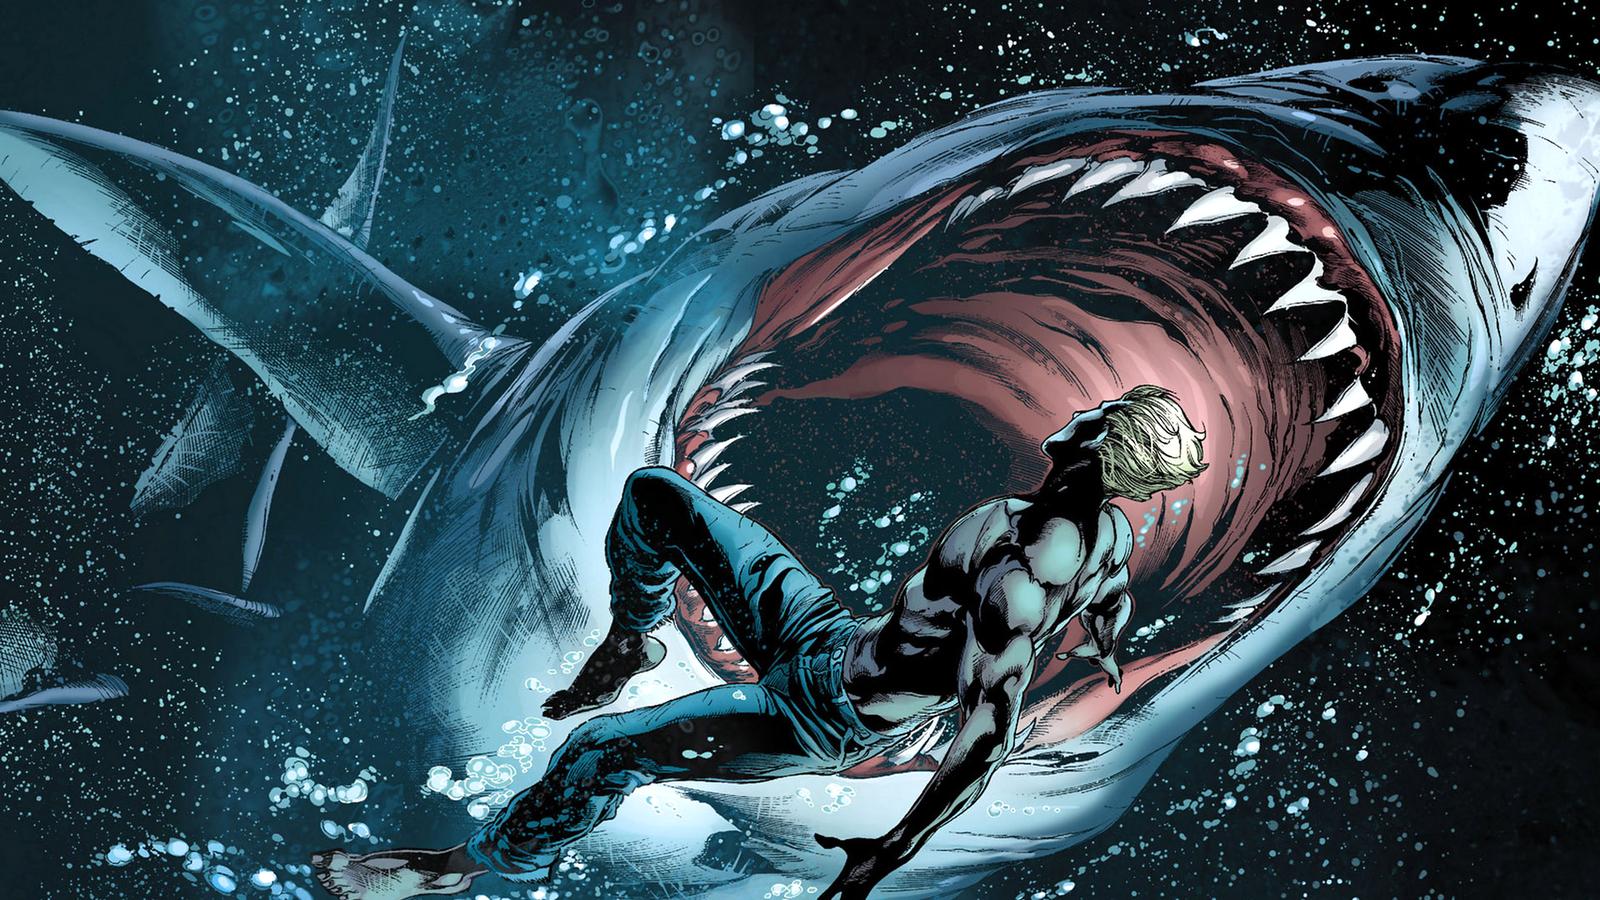 Comic Wallpapers Aquaman Wallpaper 1600x900